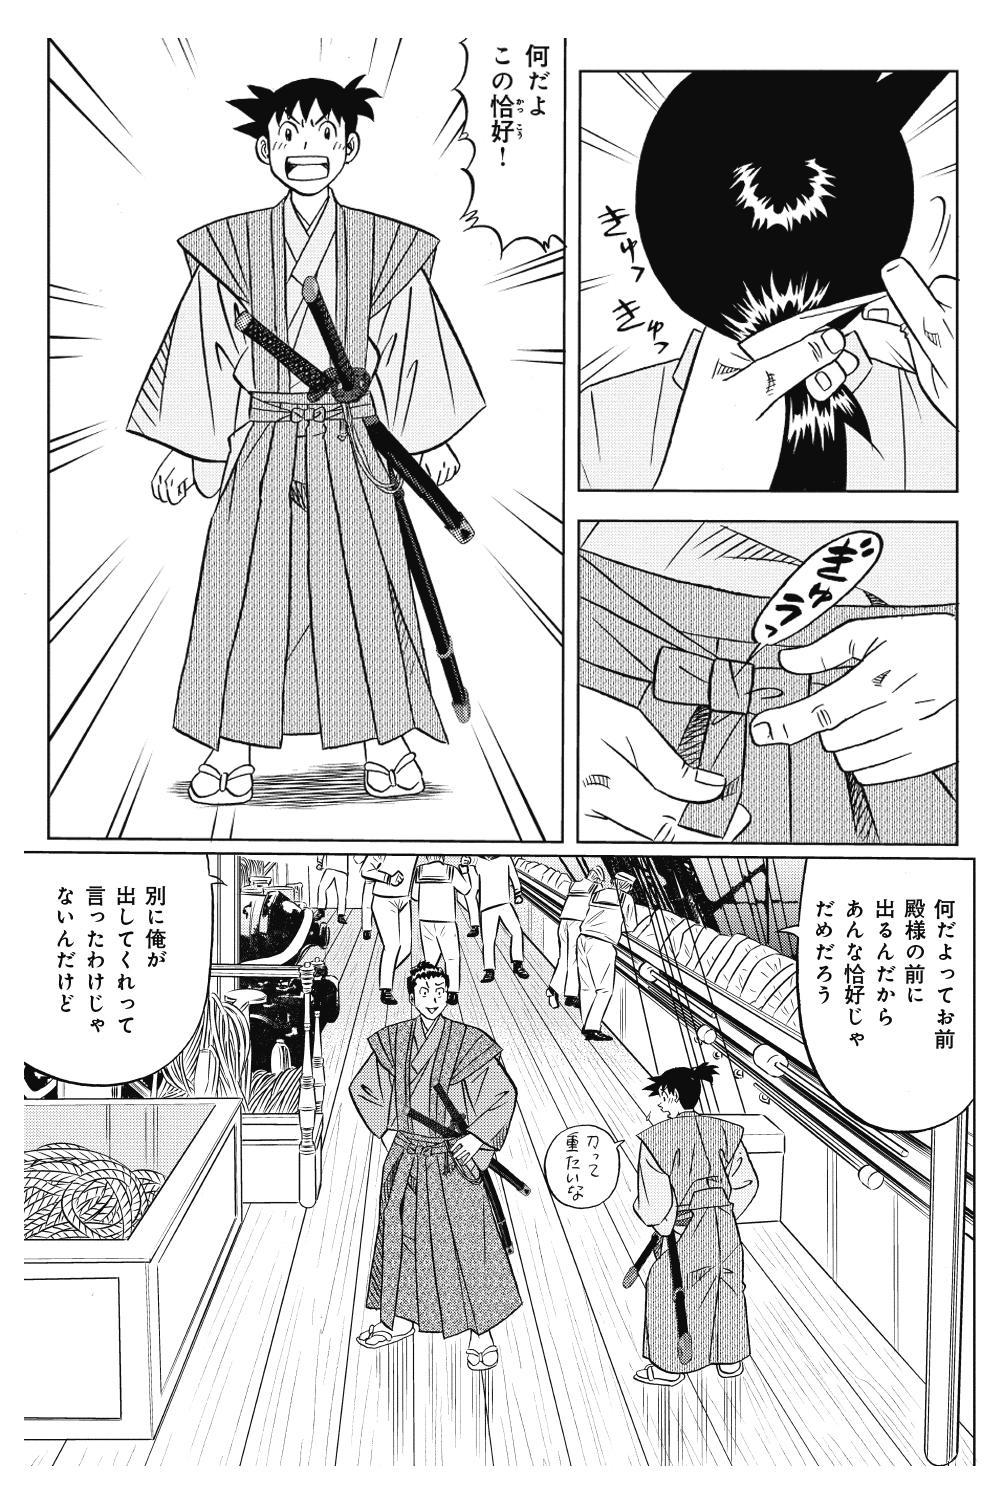 ミスター味っ子 幕末編 第2話「列強襲来」①ajikko2-1-9.jpg